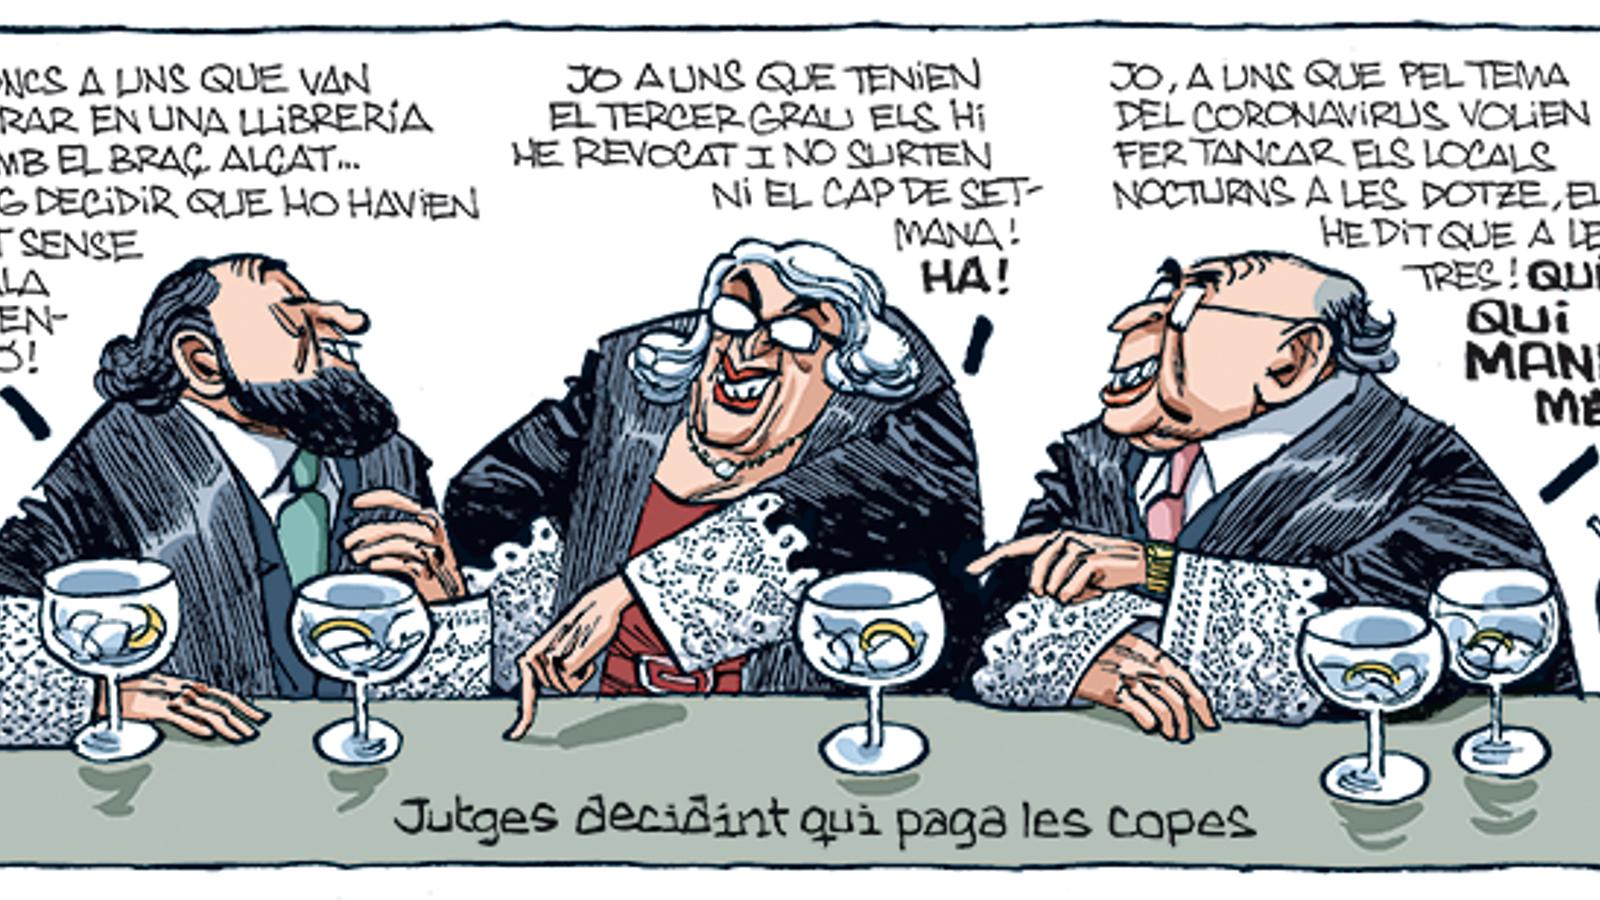 'A la contra' per Fontdevila 30/08/2020